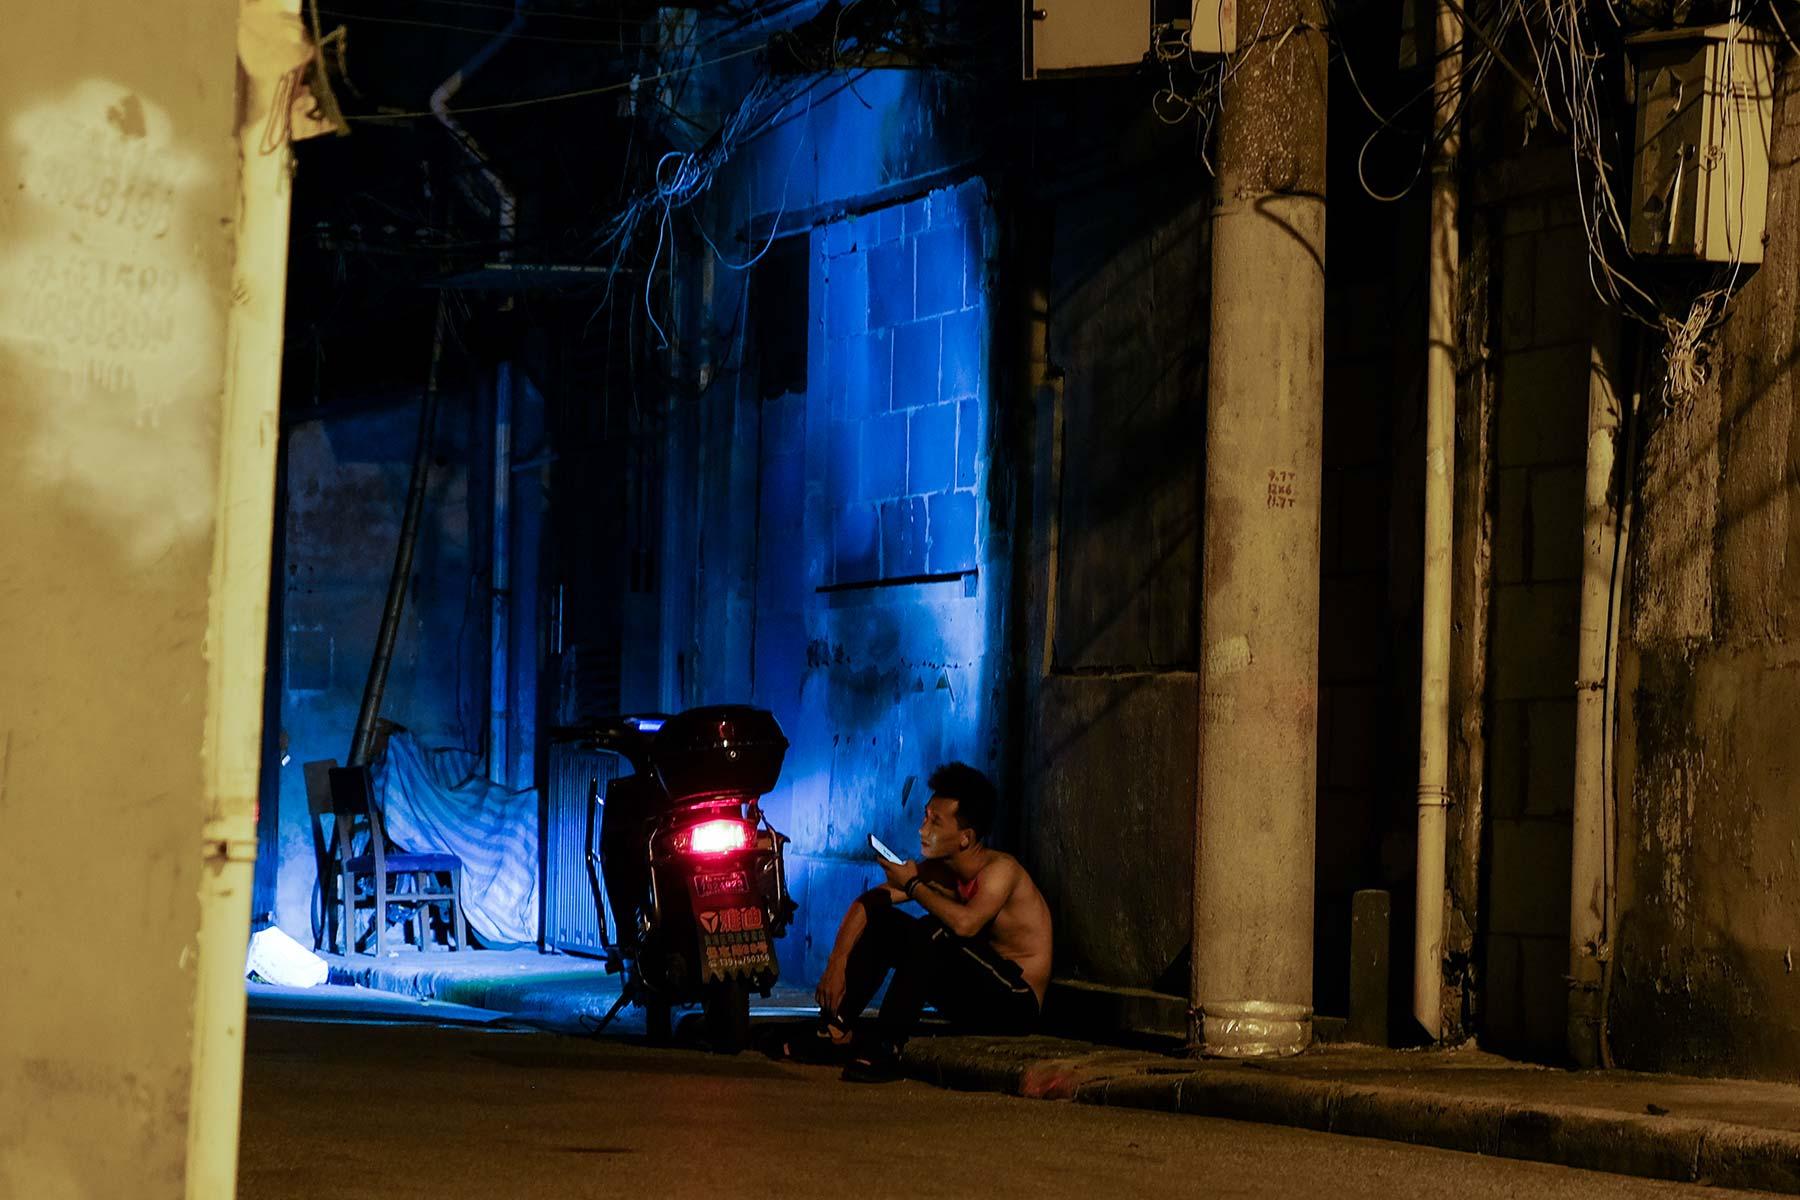 Mann sitzt neben Motorroller bei Nacht in Shanghai Altstadt